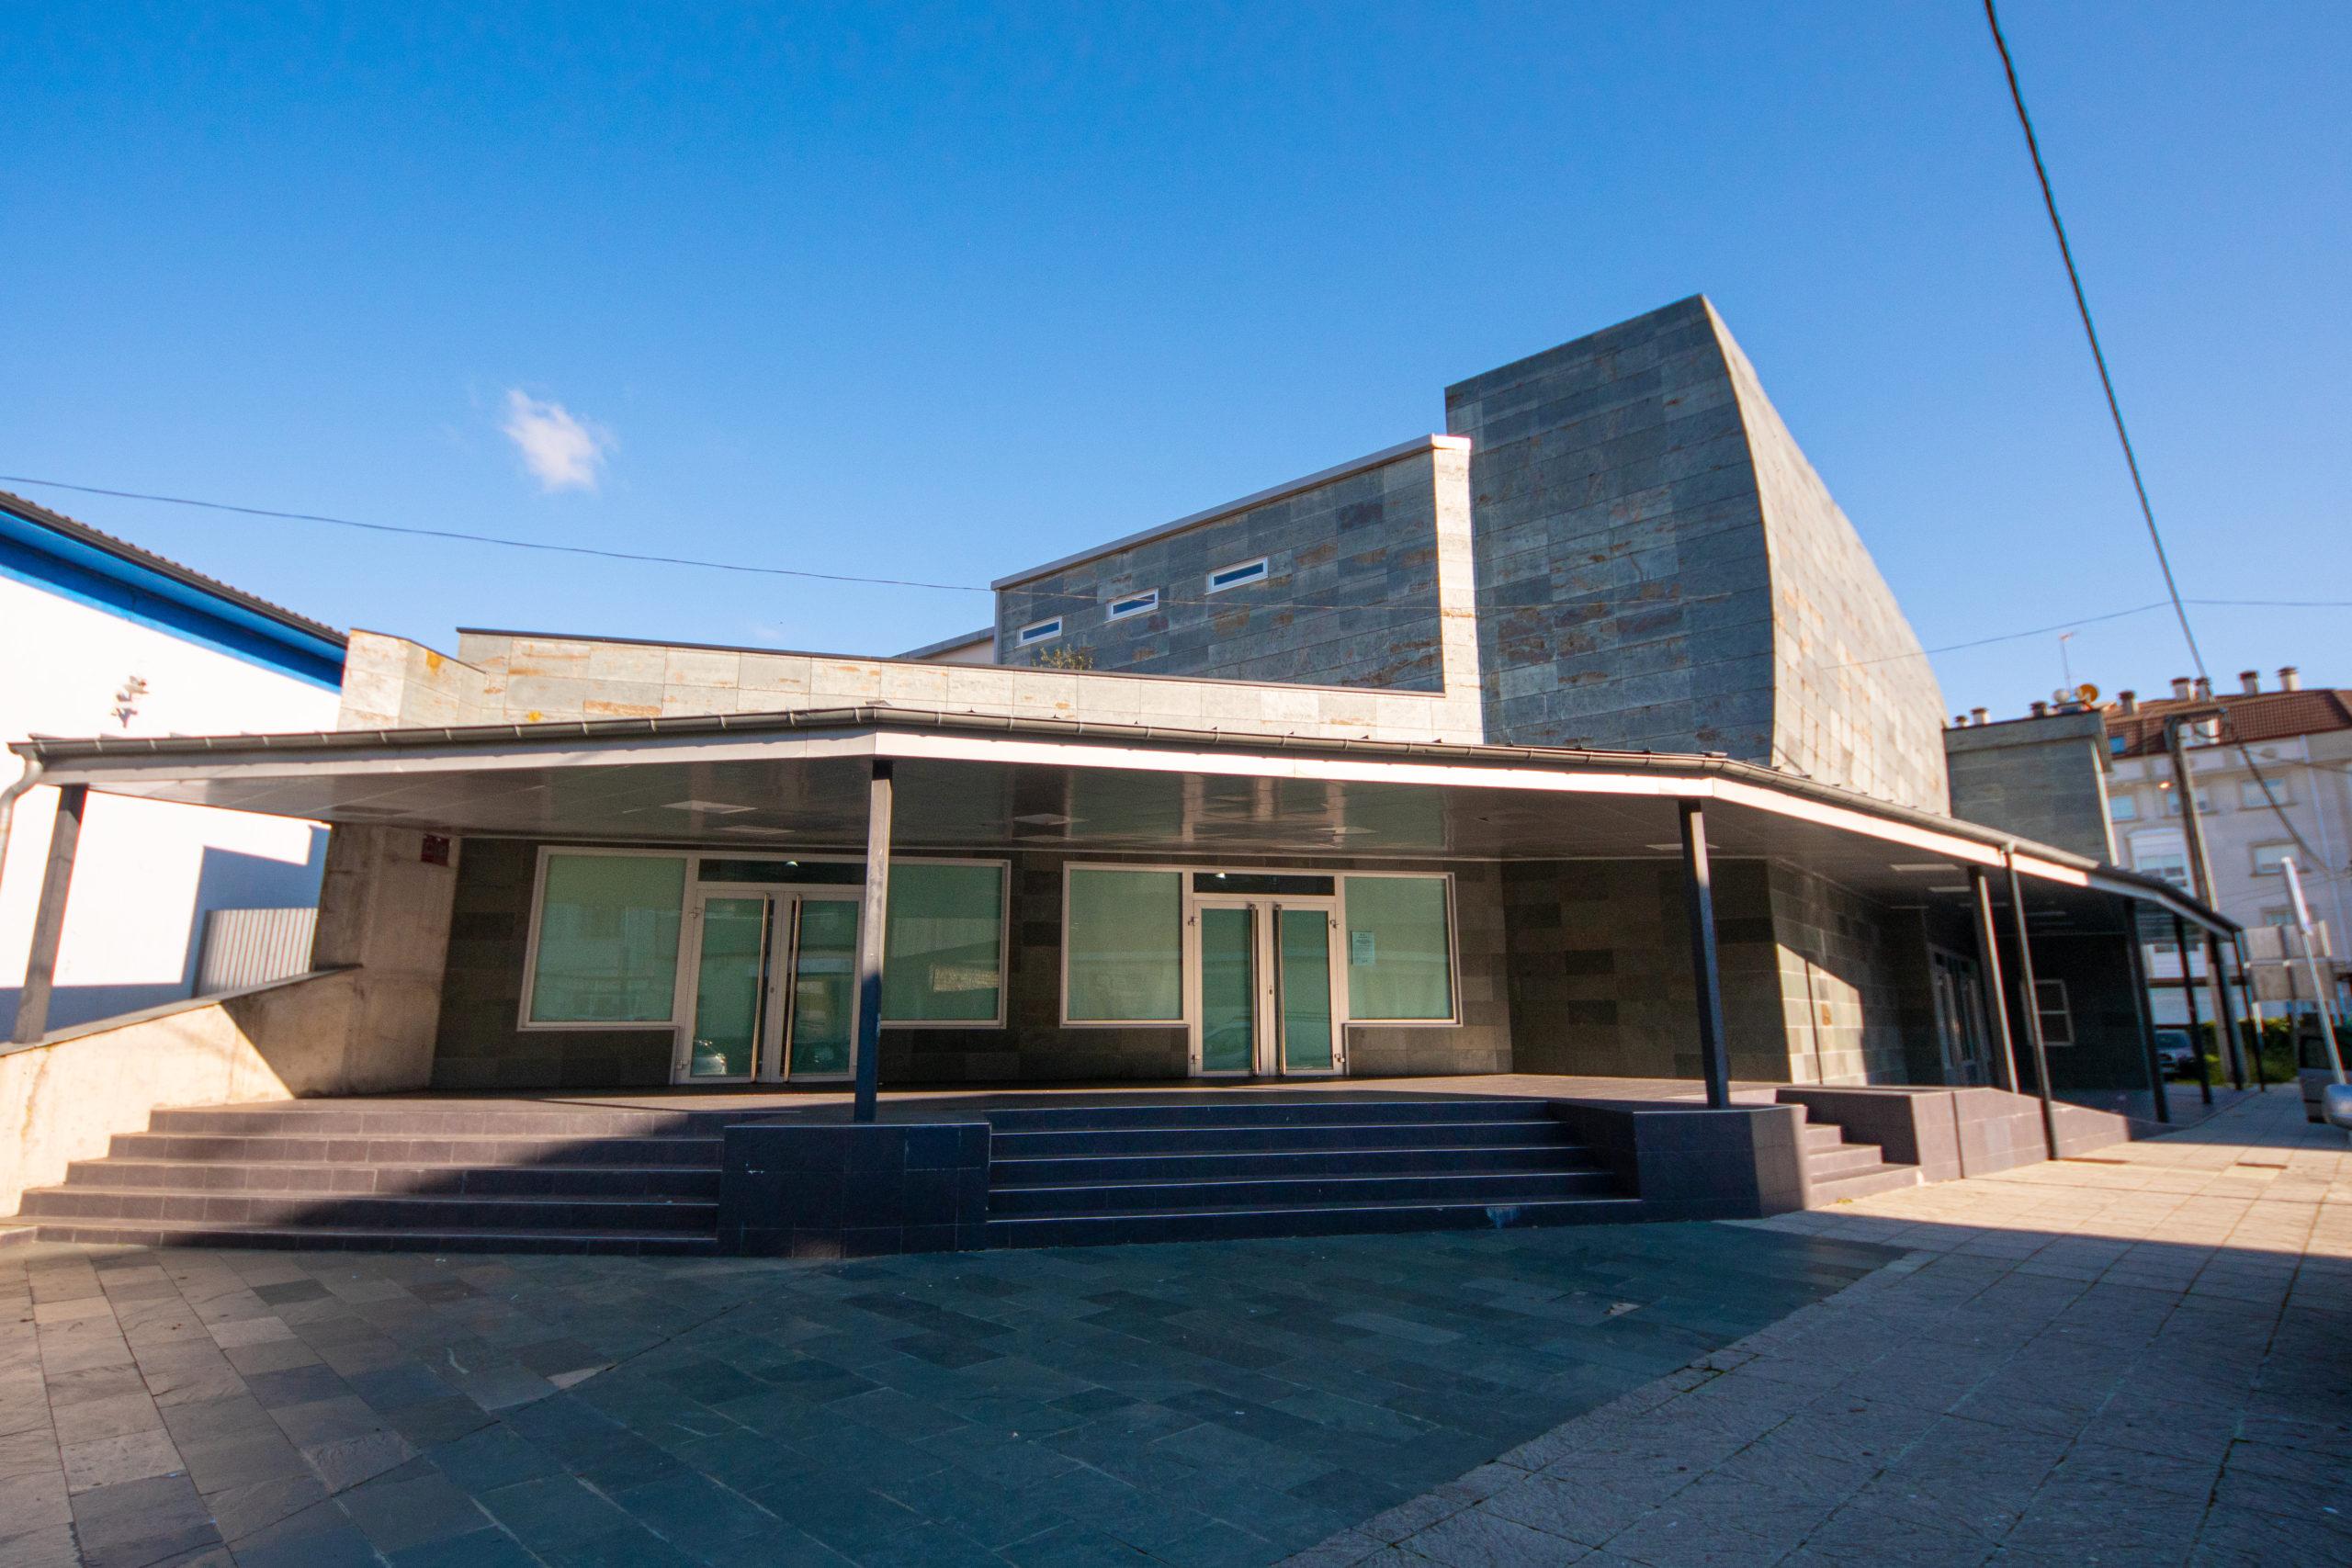 Centro Socio-cultural Mingos de Pita